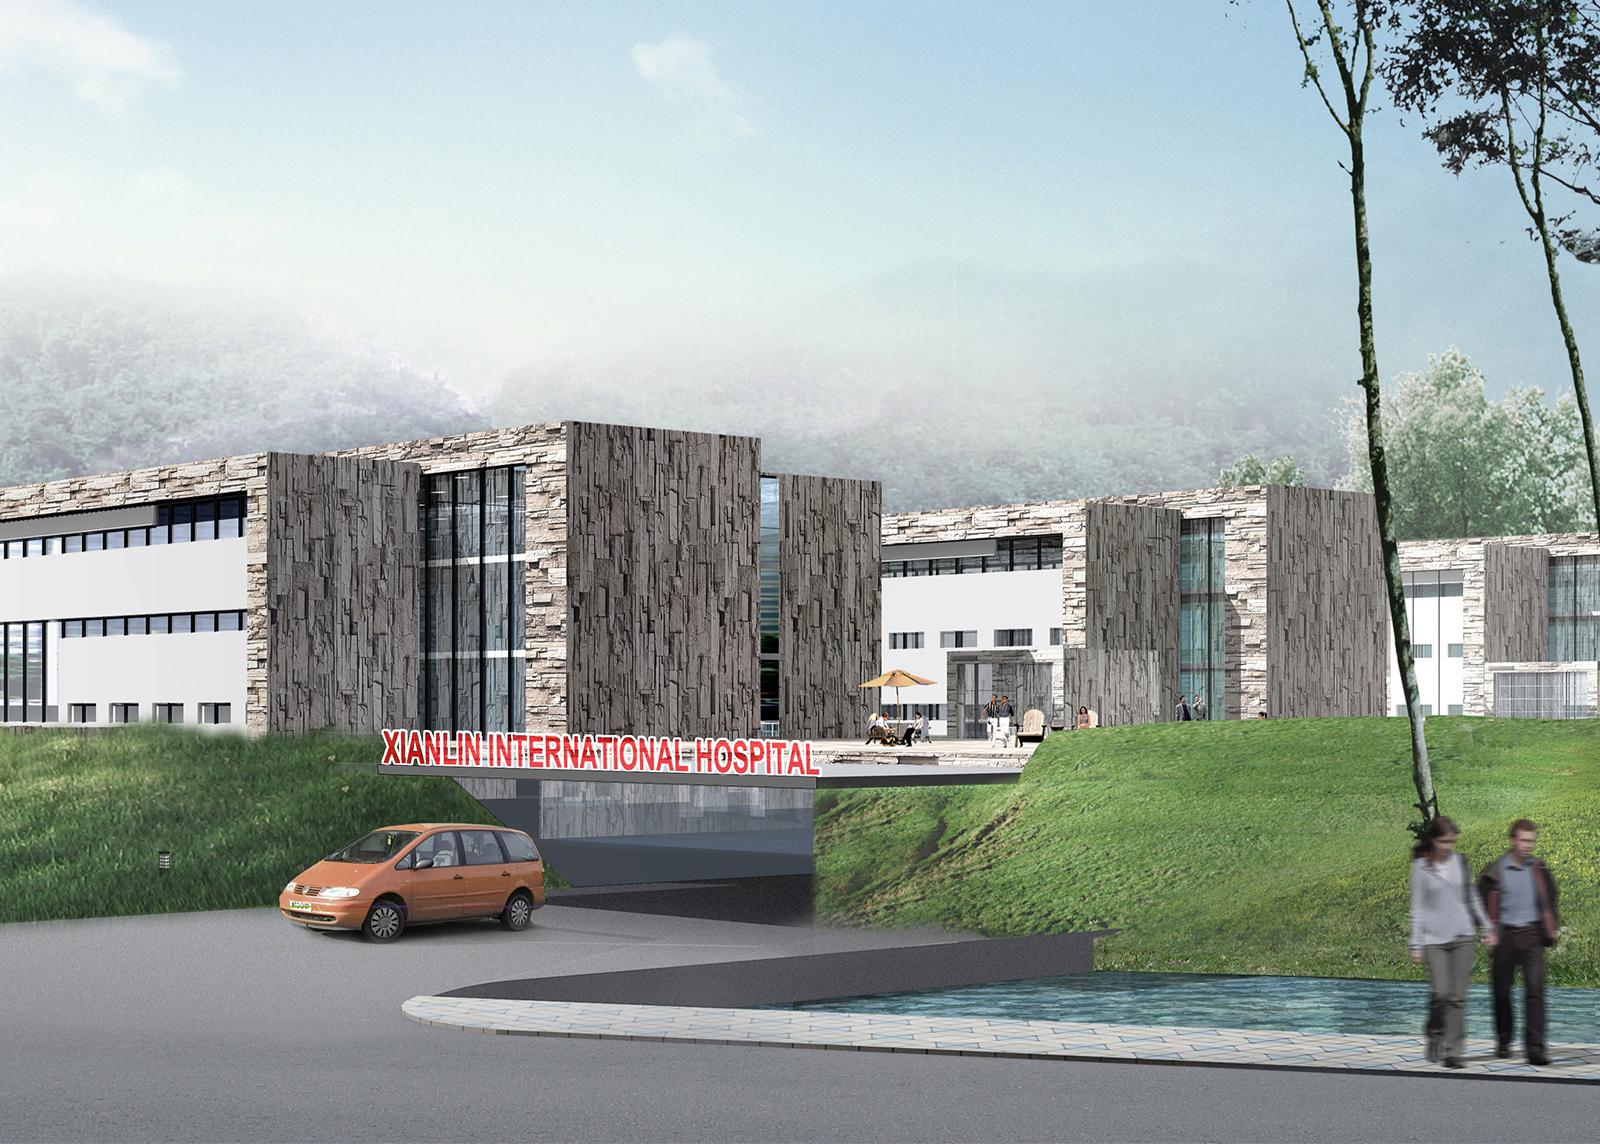 Nanjing Xianlin International Hospital  nanjing, china